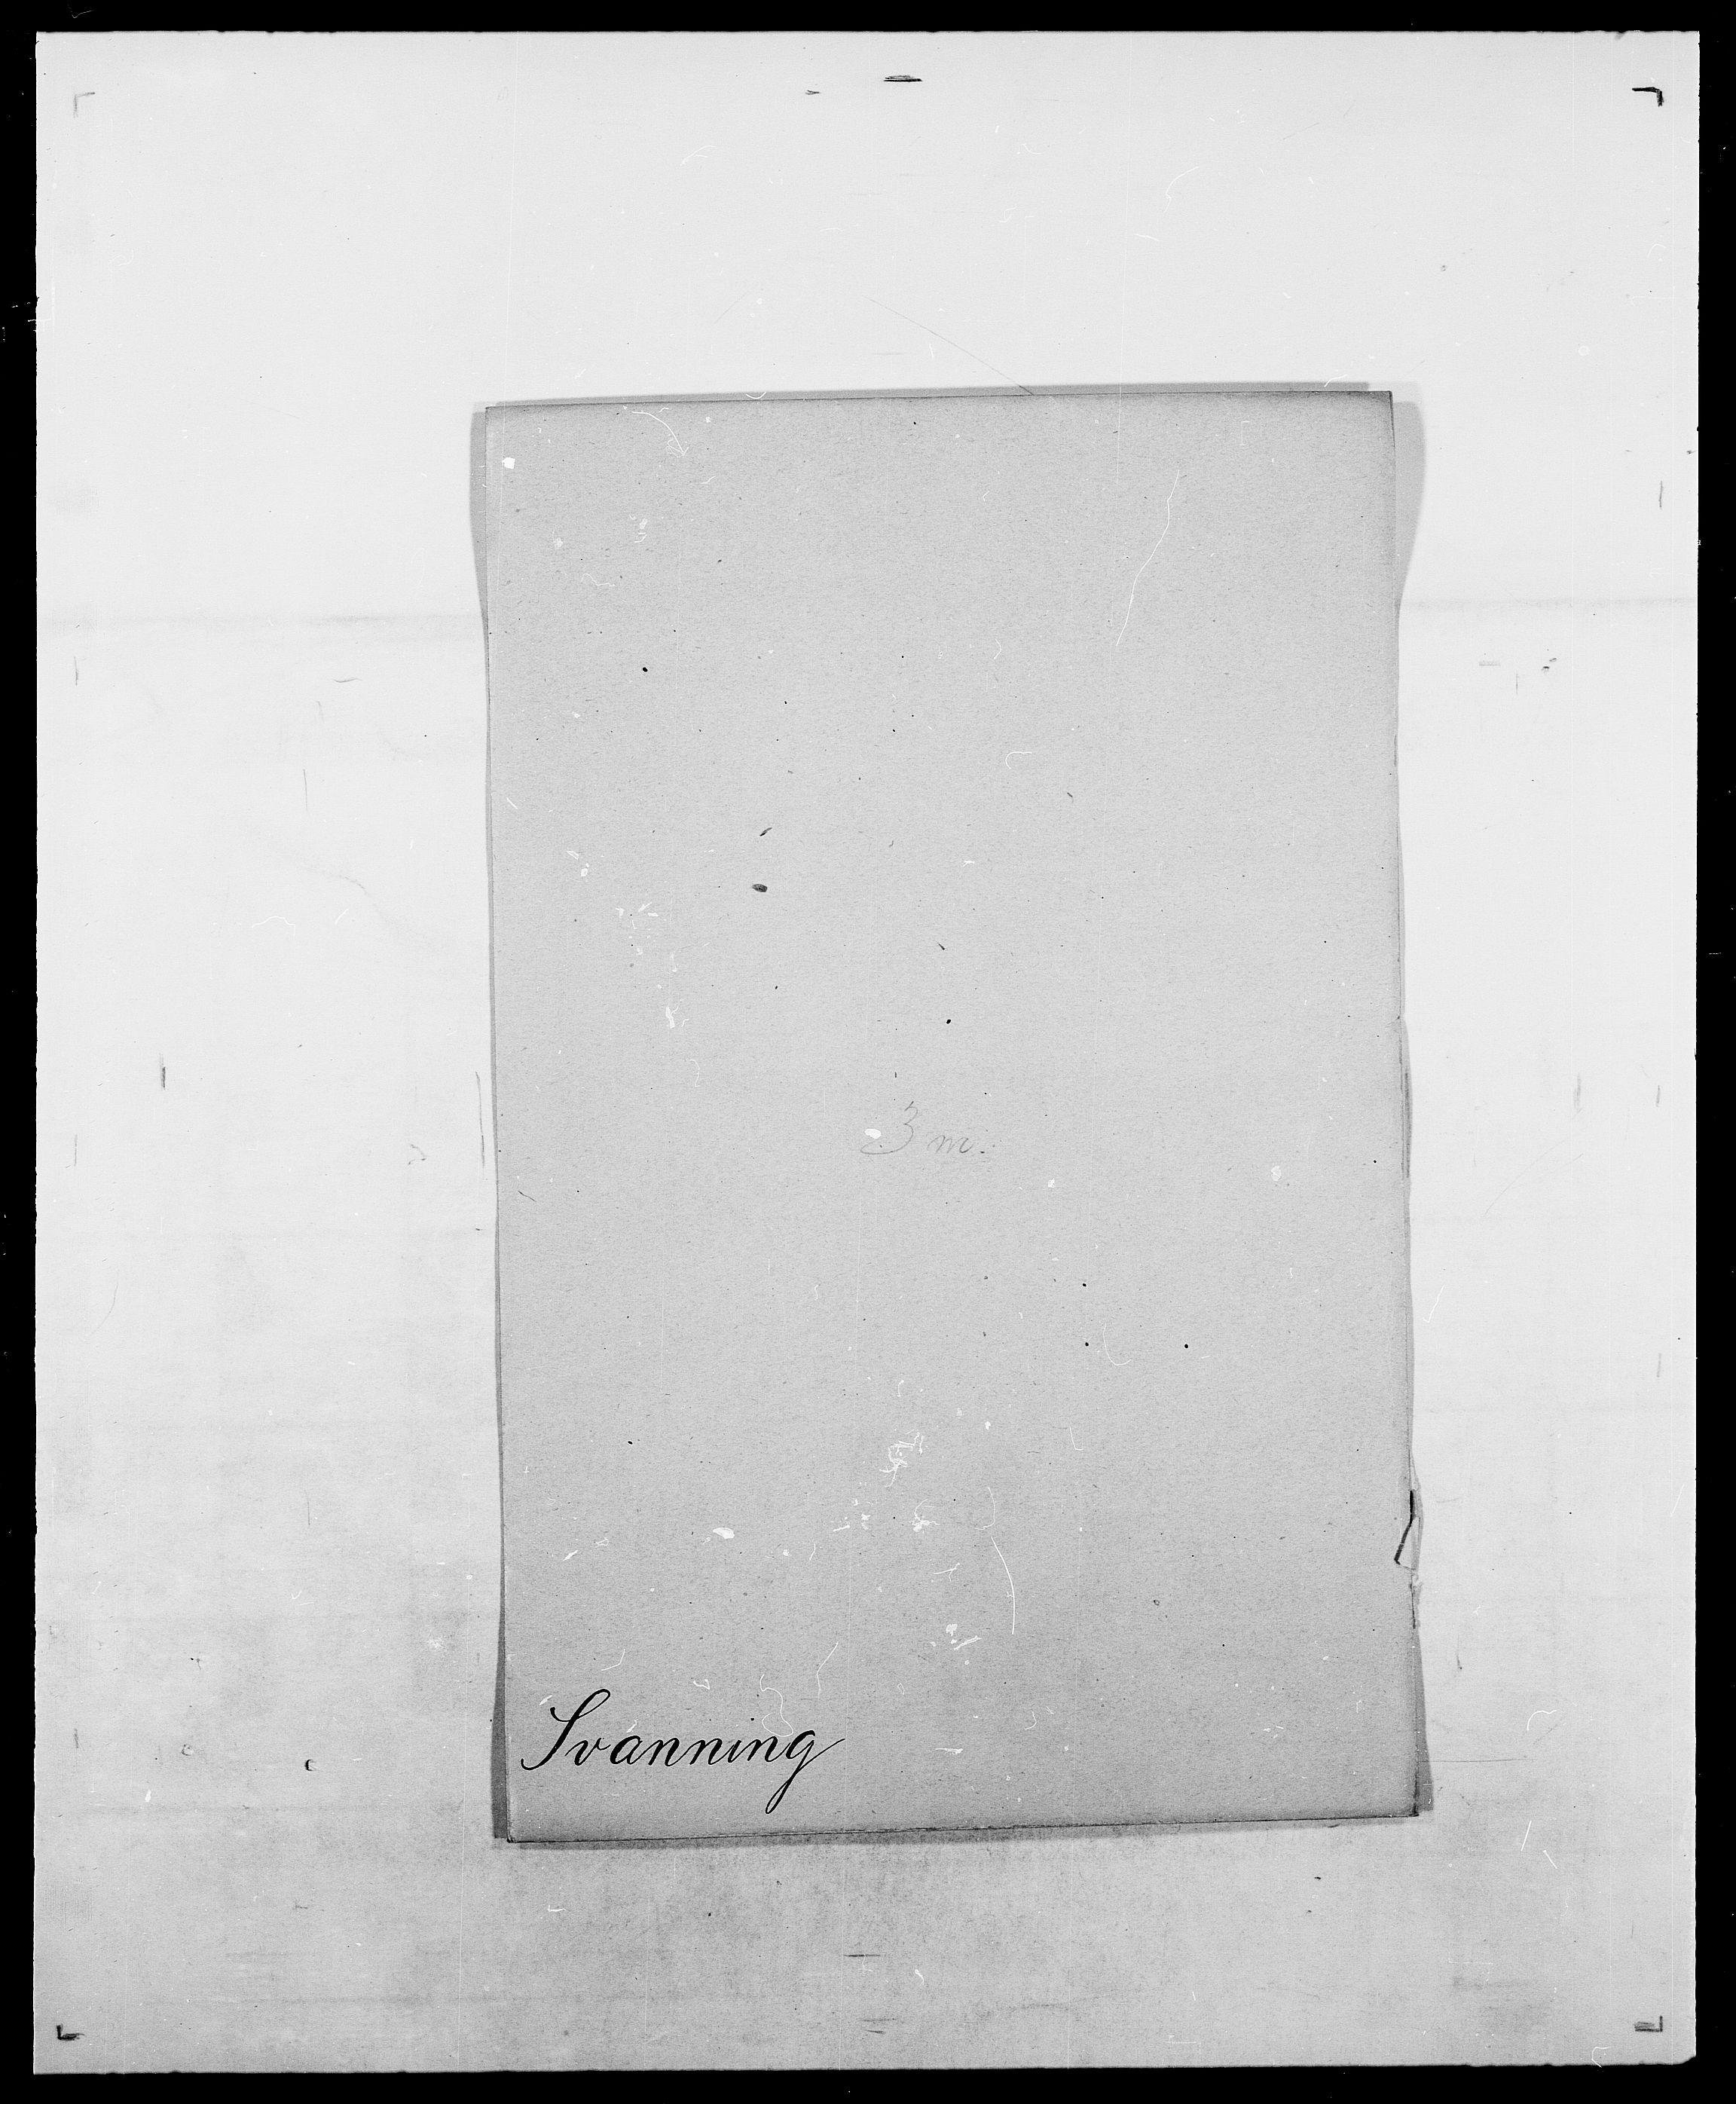 SAO, Delgobe, Charles Antoine - samling, D/Da/L0038: Svanenskjold - Thornsohn, s. 4